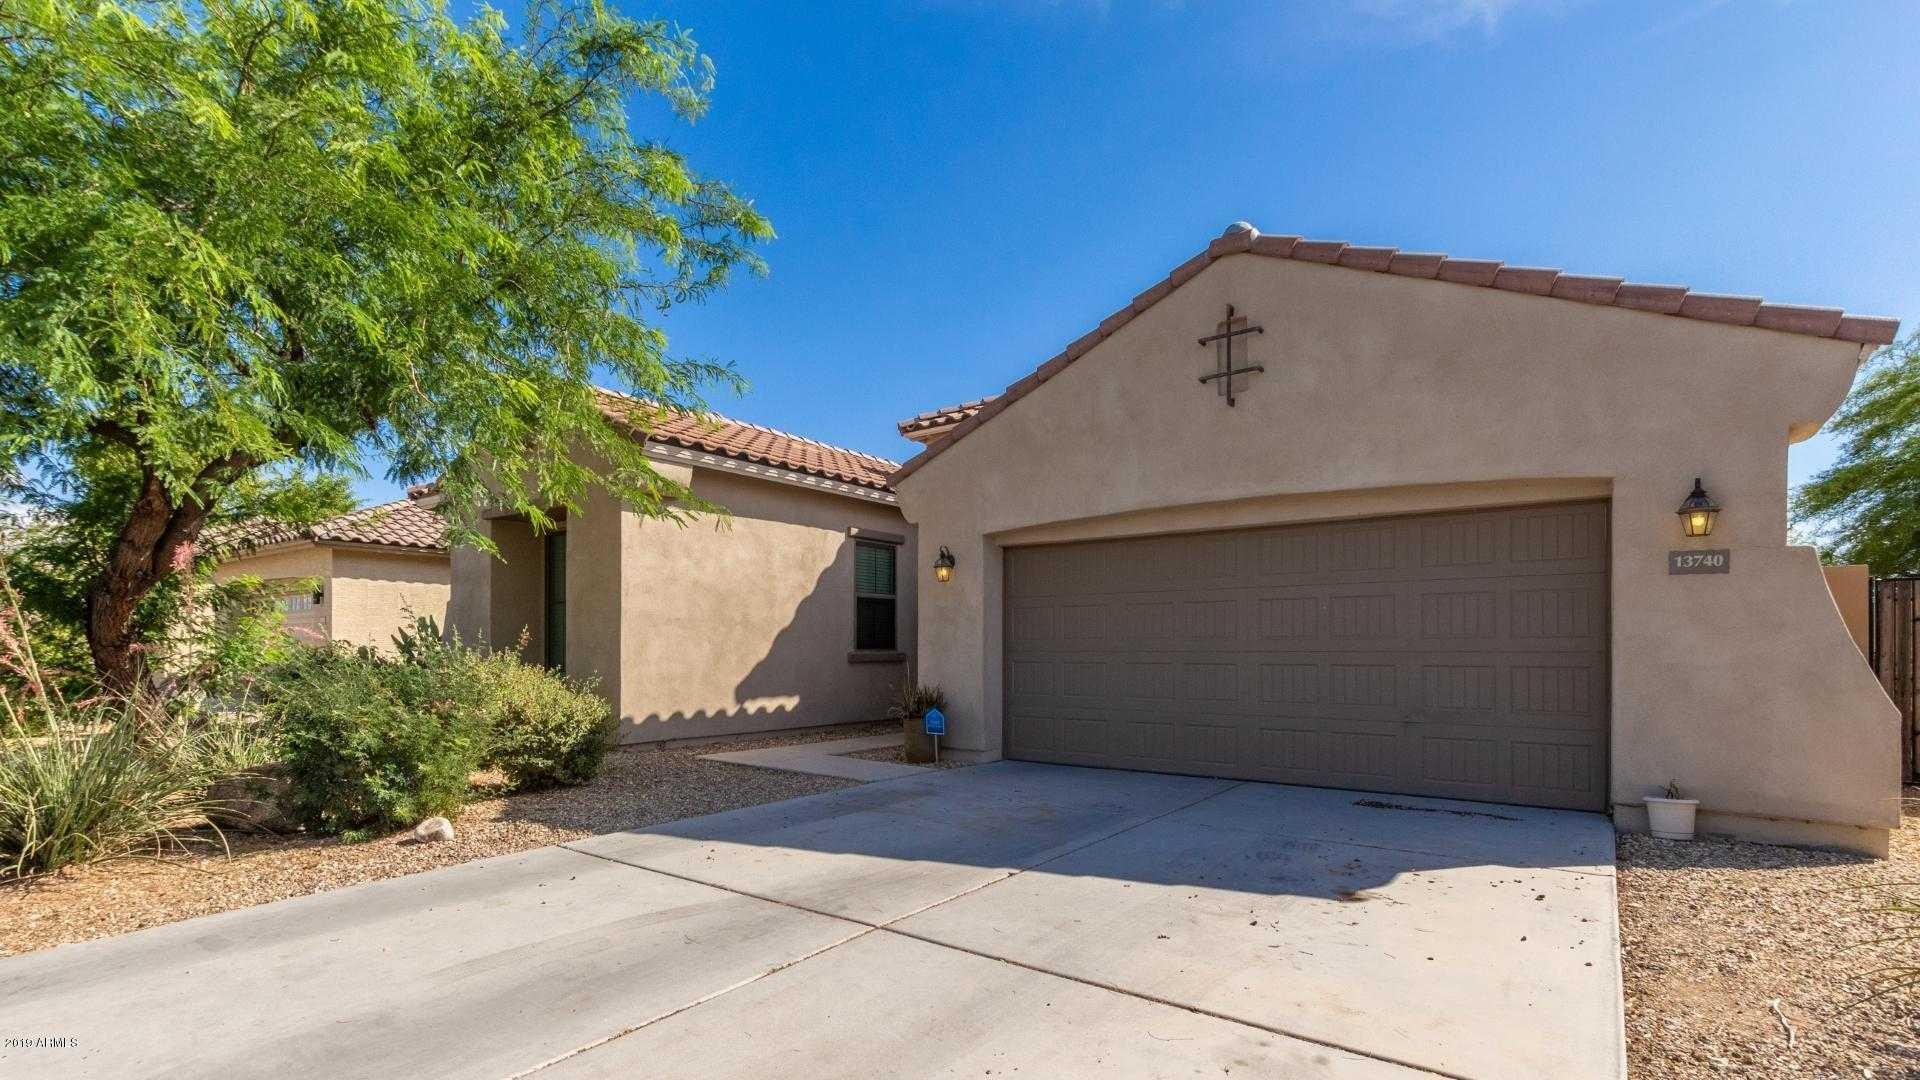 $290,000 - 3Br/2Ba - Home for Sale in Coronado Village At Estrella Mtn Ranch Parcel 7.2, Goodyear